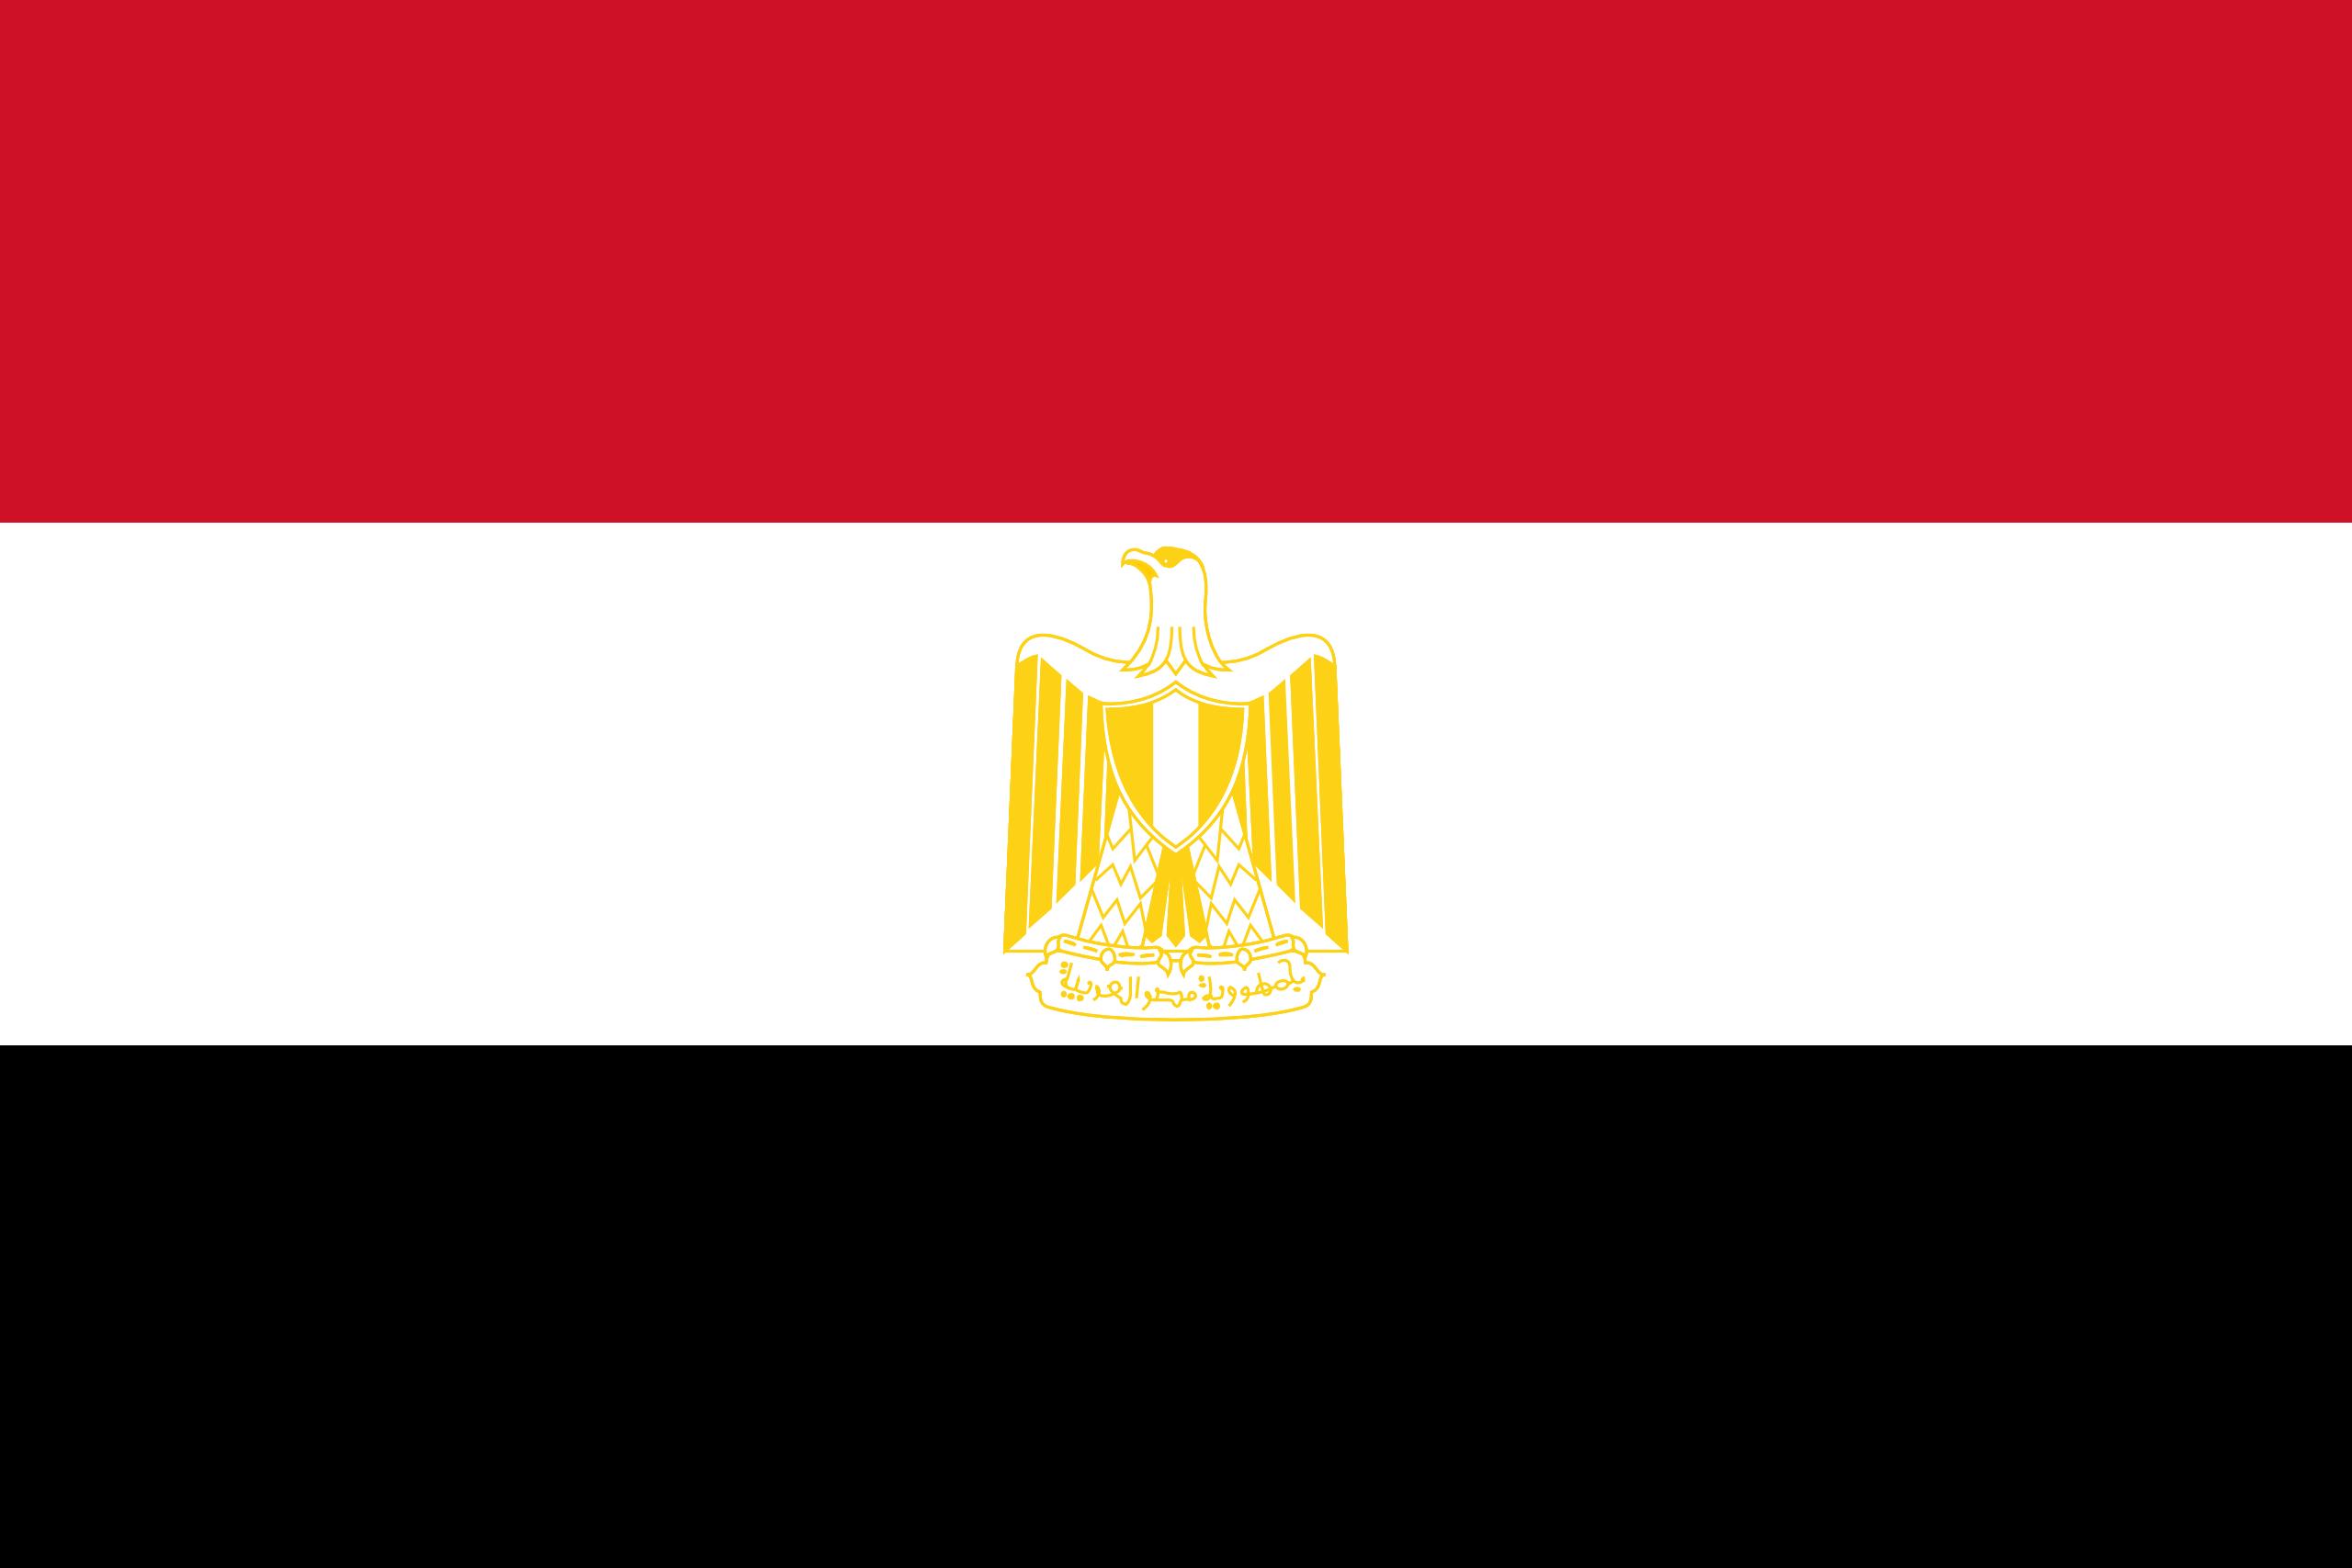 egipto, país, emblema, insignia, シンボル - HD の壁紙 - 教授-falken.com